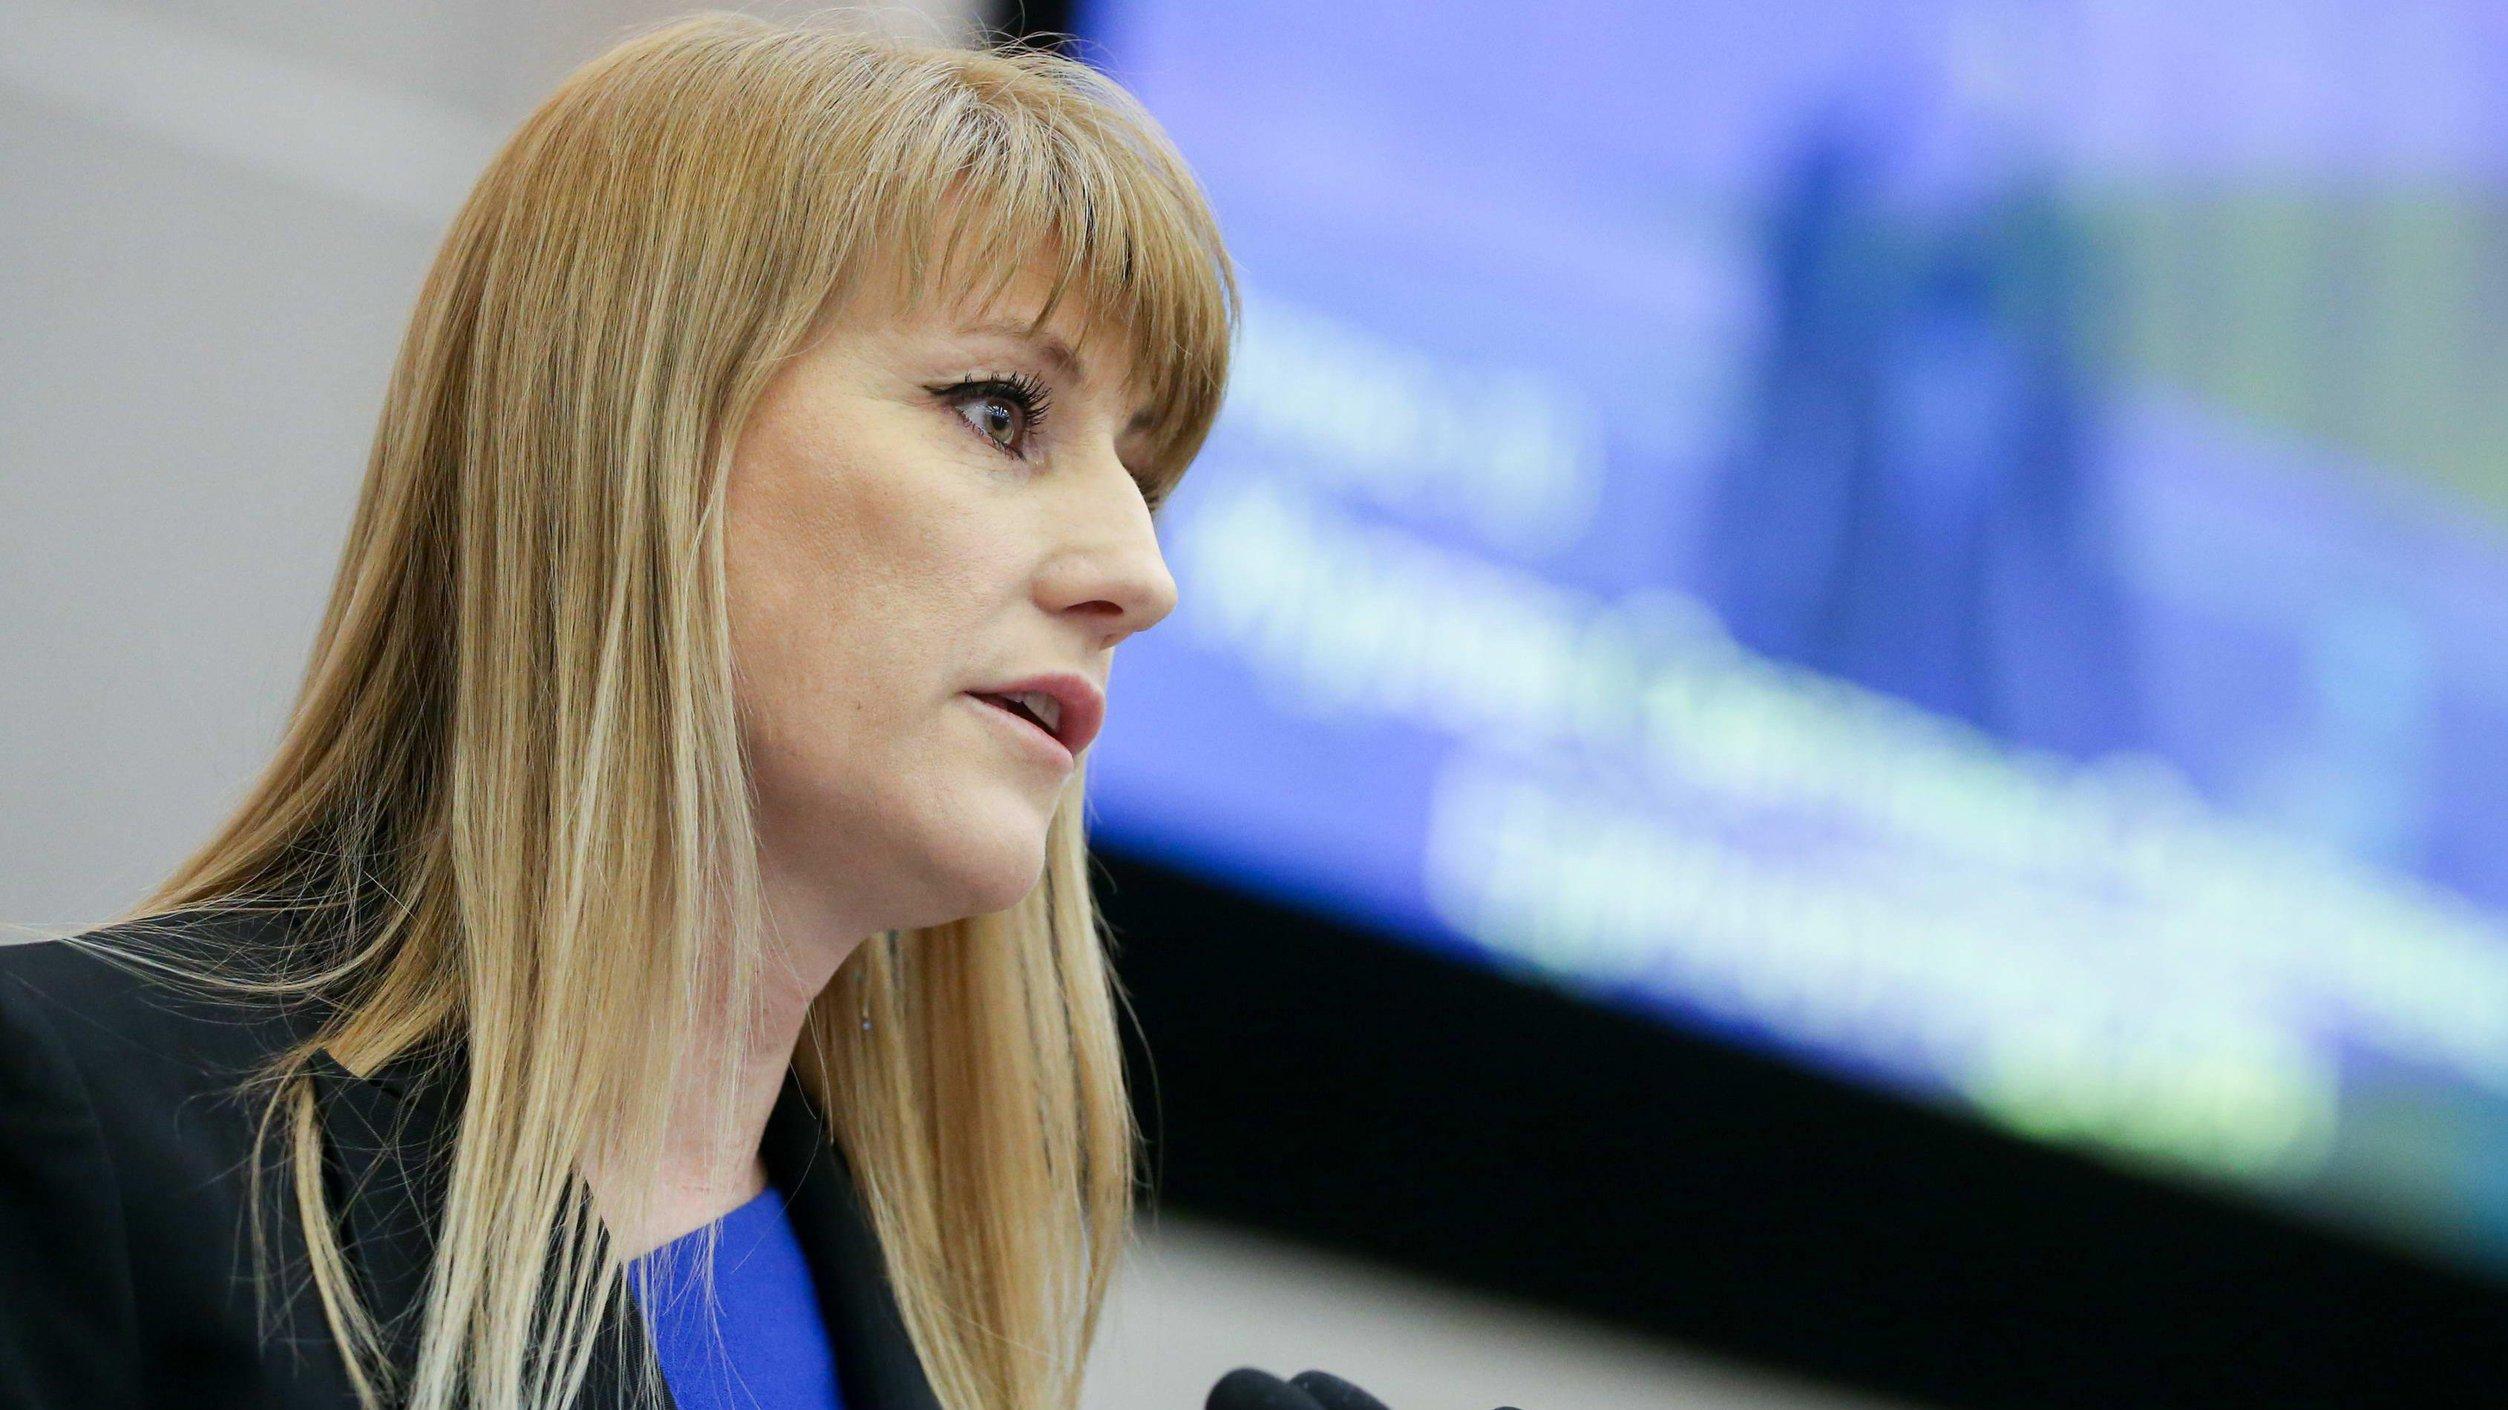 Депутат Журова осудила Хабиба за шутку про избиение в метро